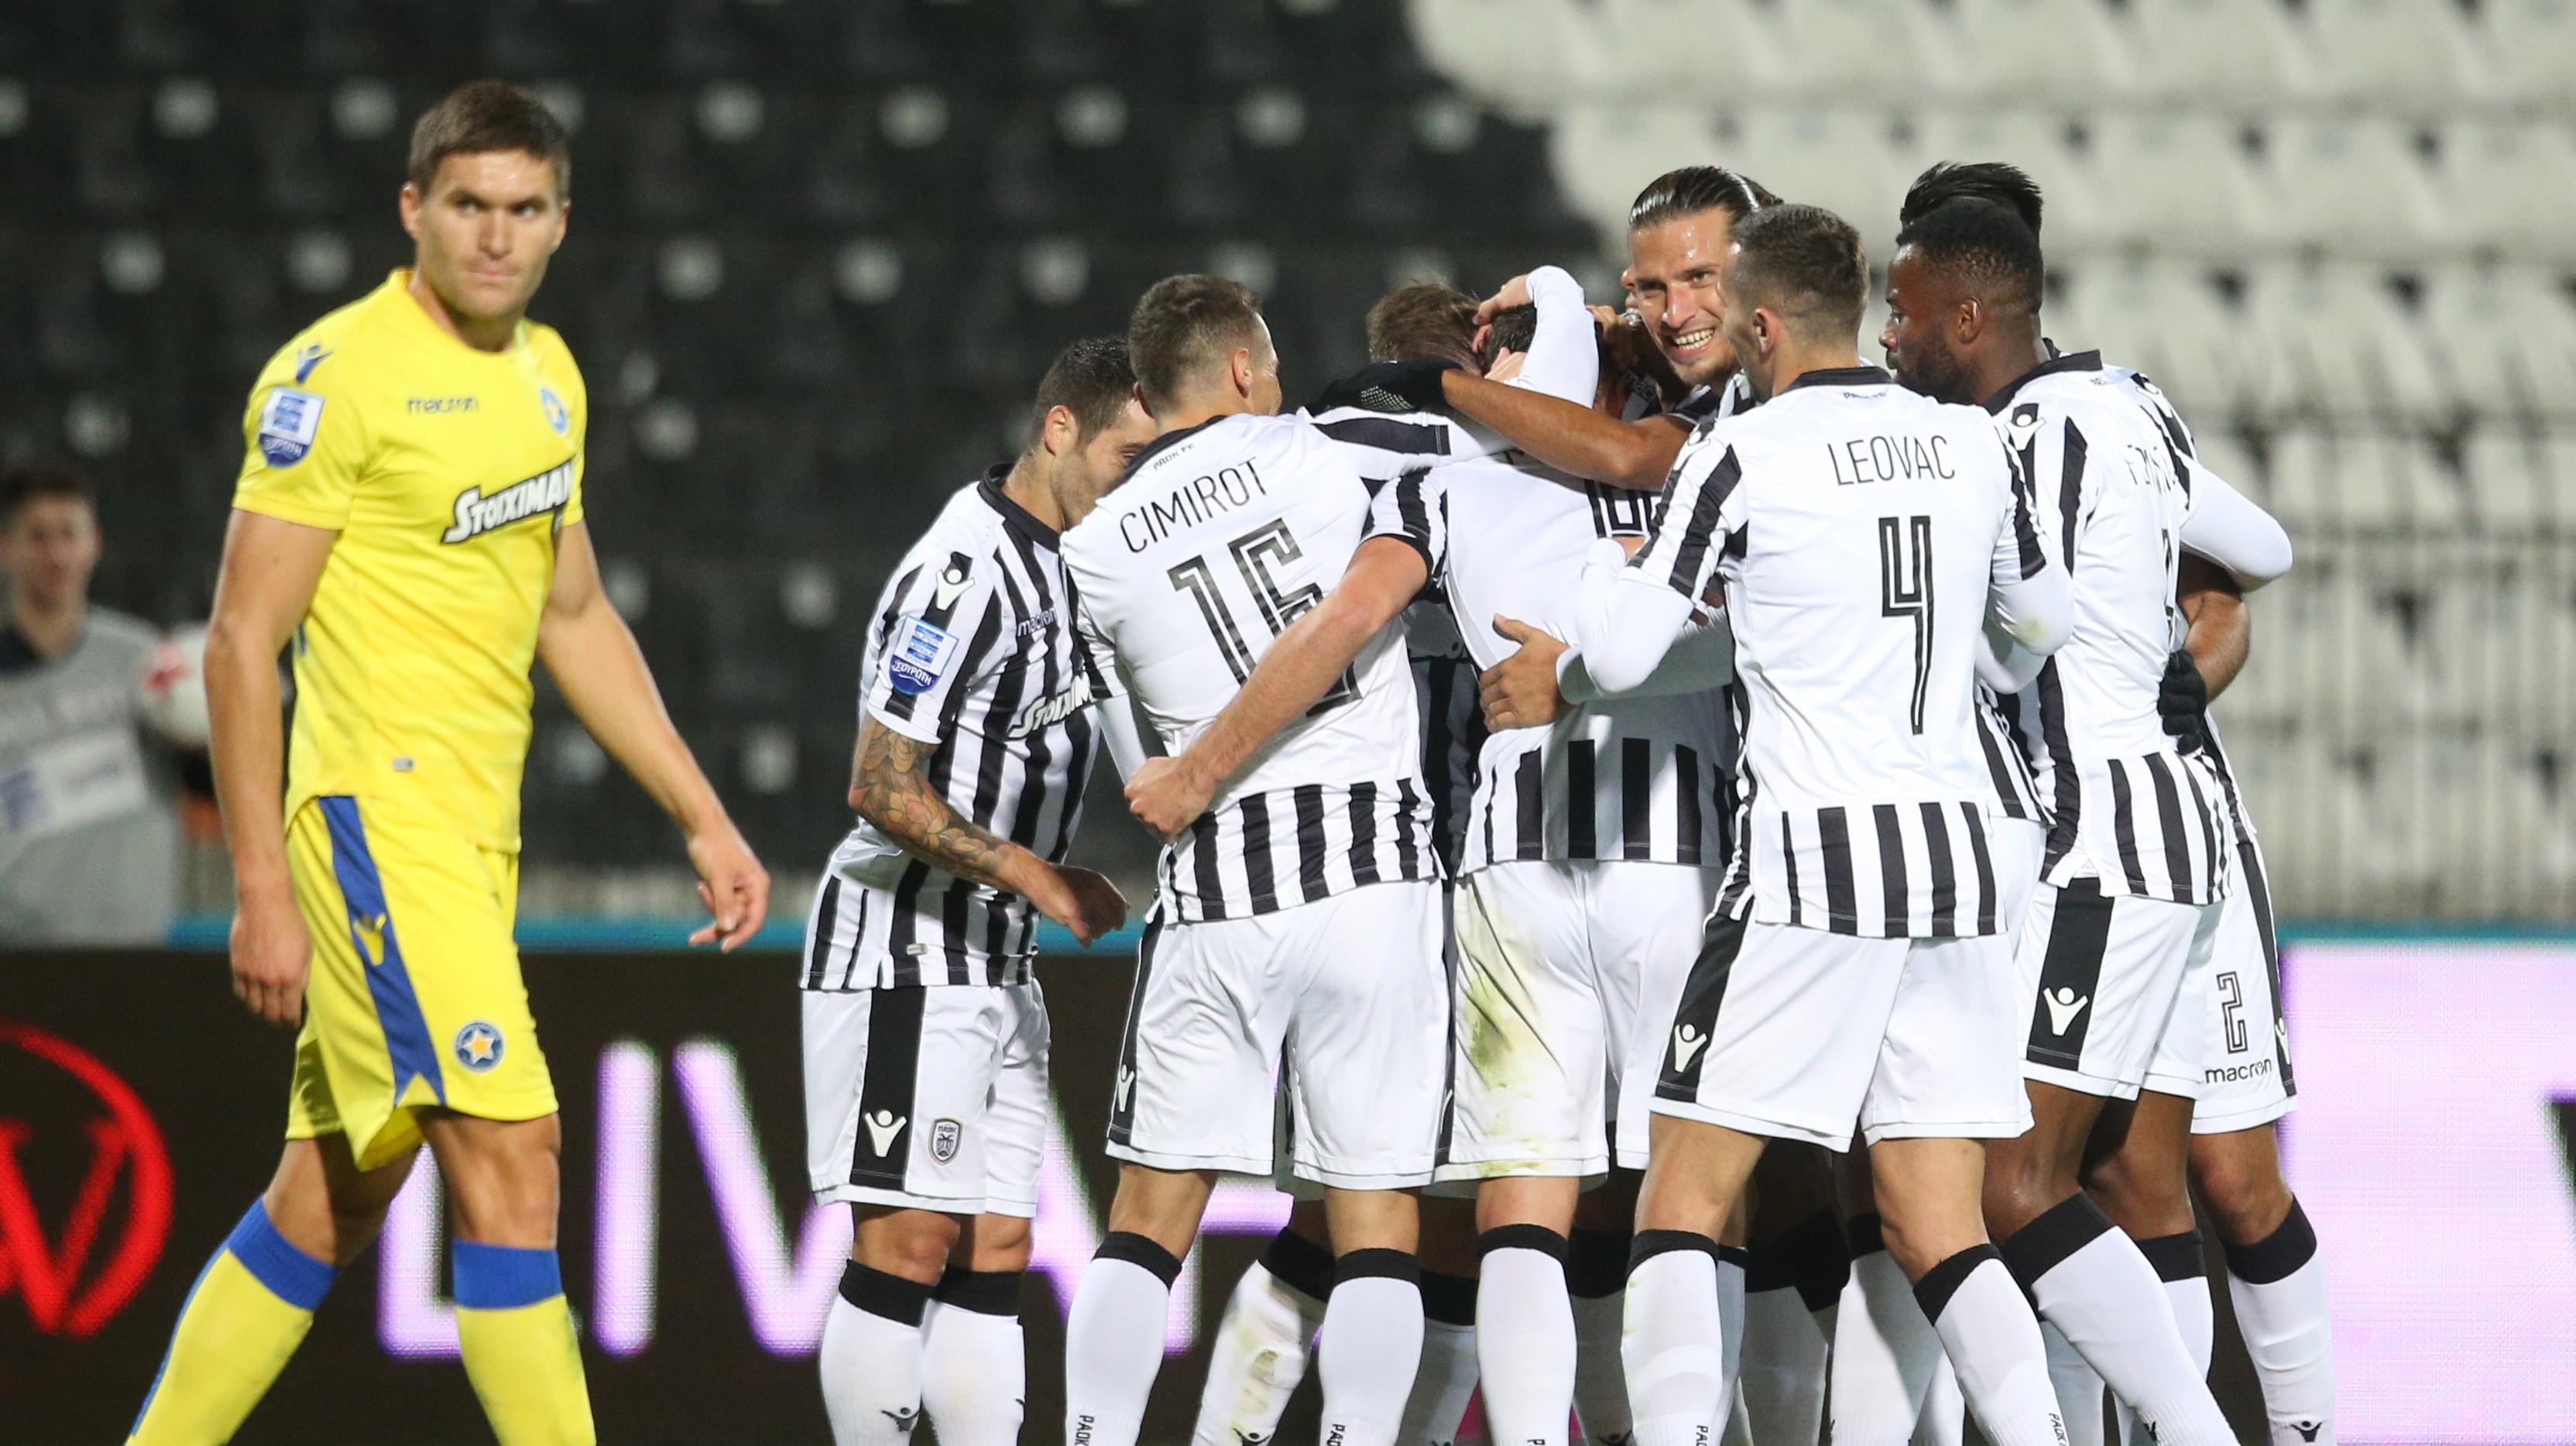 ΠΑΟΚ-Αστέρας Τρίπολης 2-0